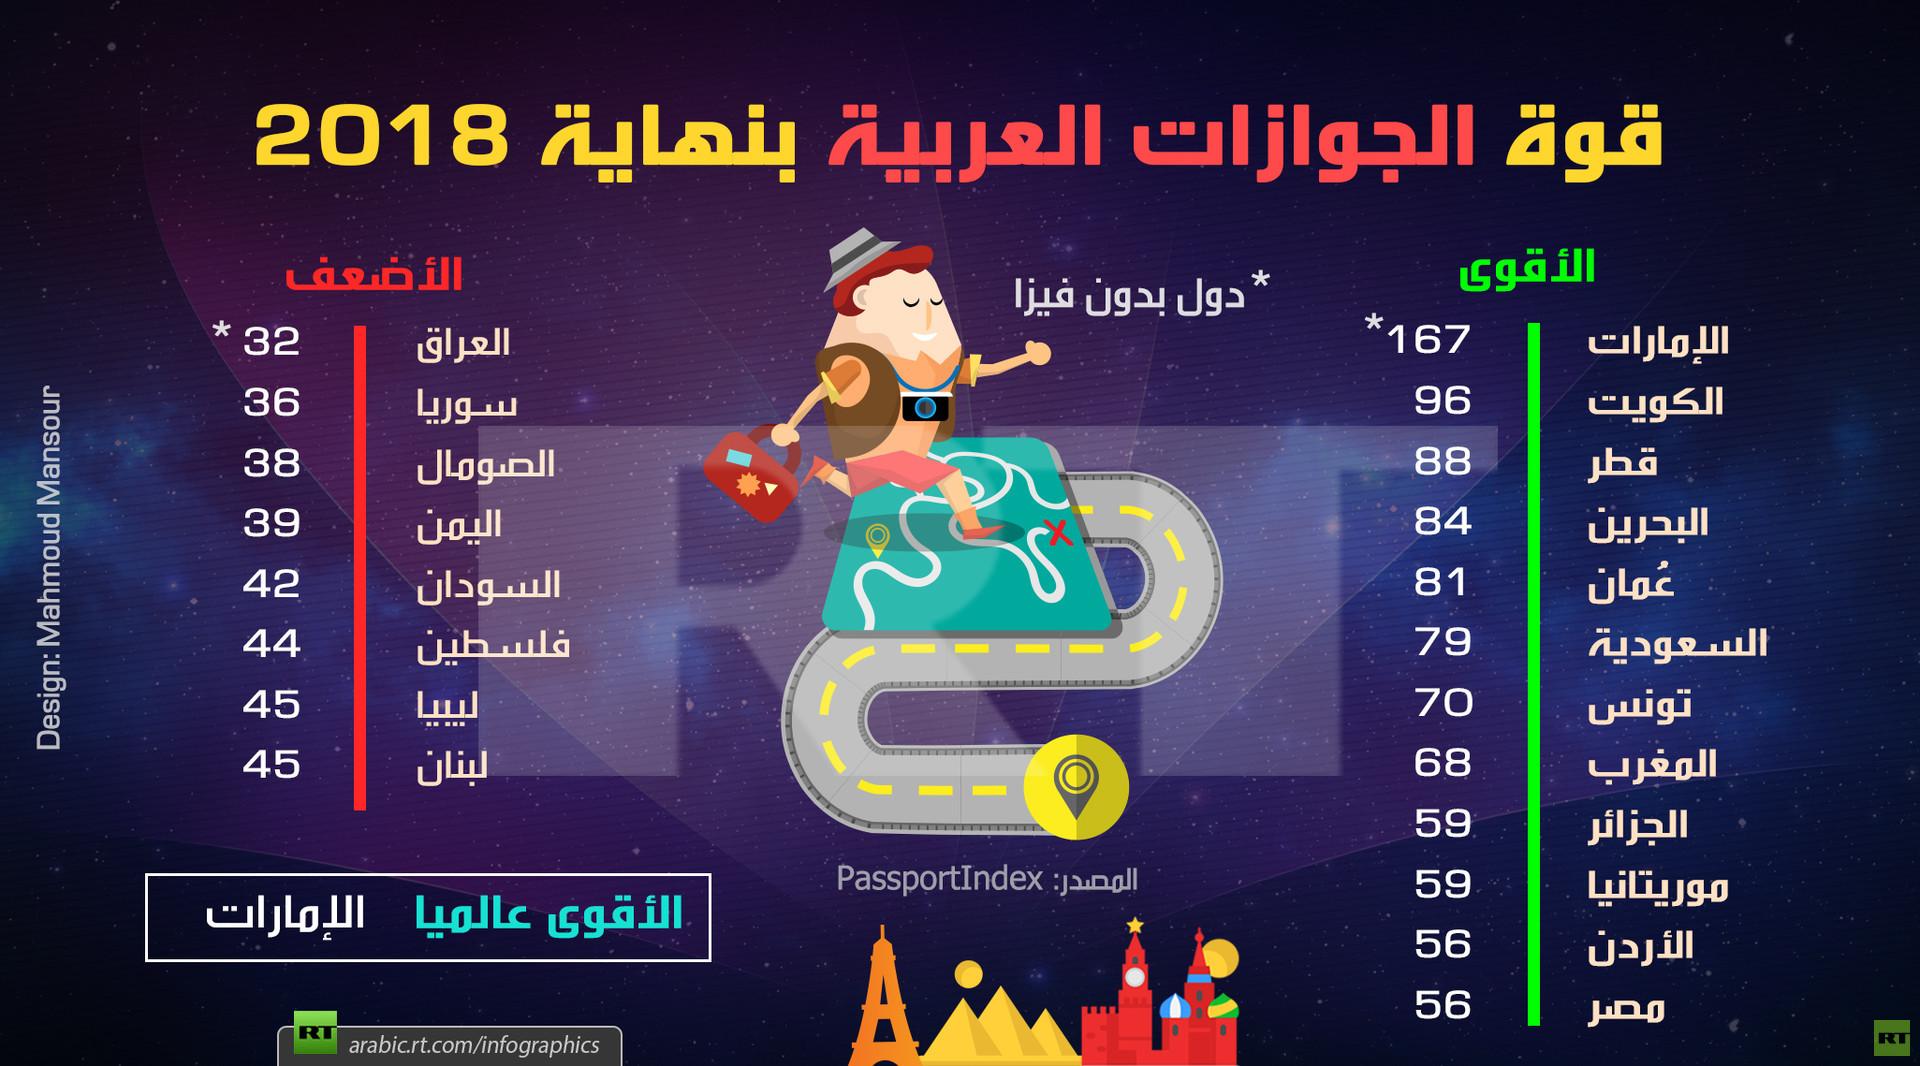 قوة الجوازات العربية بنهاية 2018